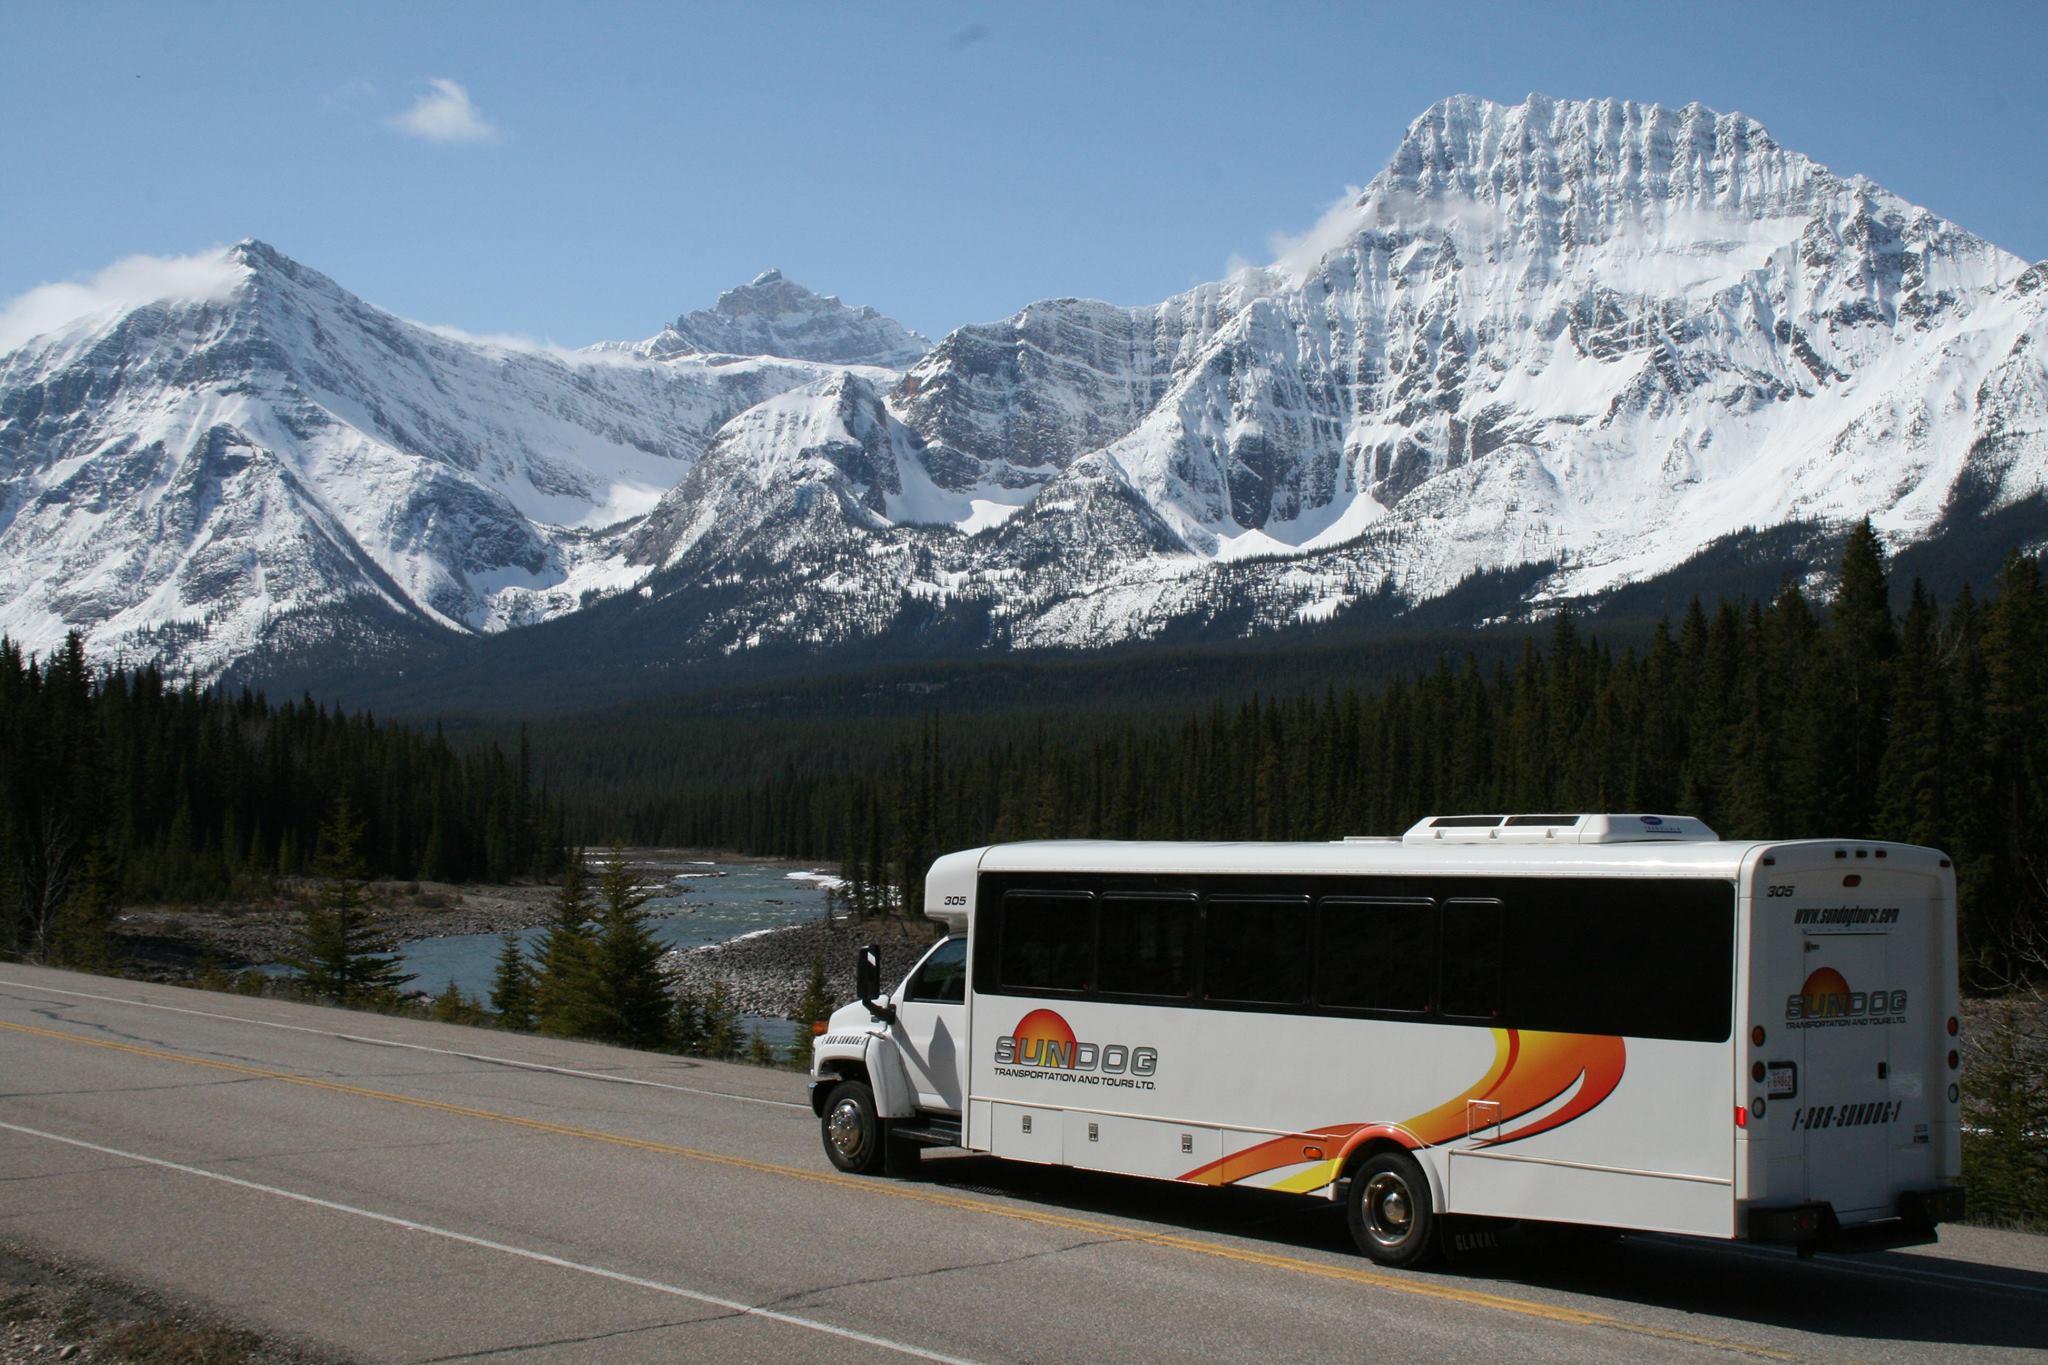 KLM brengt je rechtstreeks naar Edmonton in Alberta waar een transferbus je naar het wintersportdorp Jasper brengt.